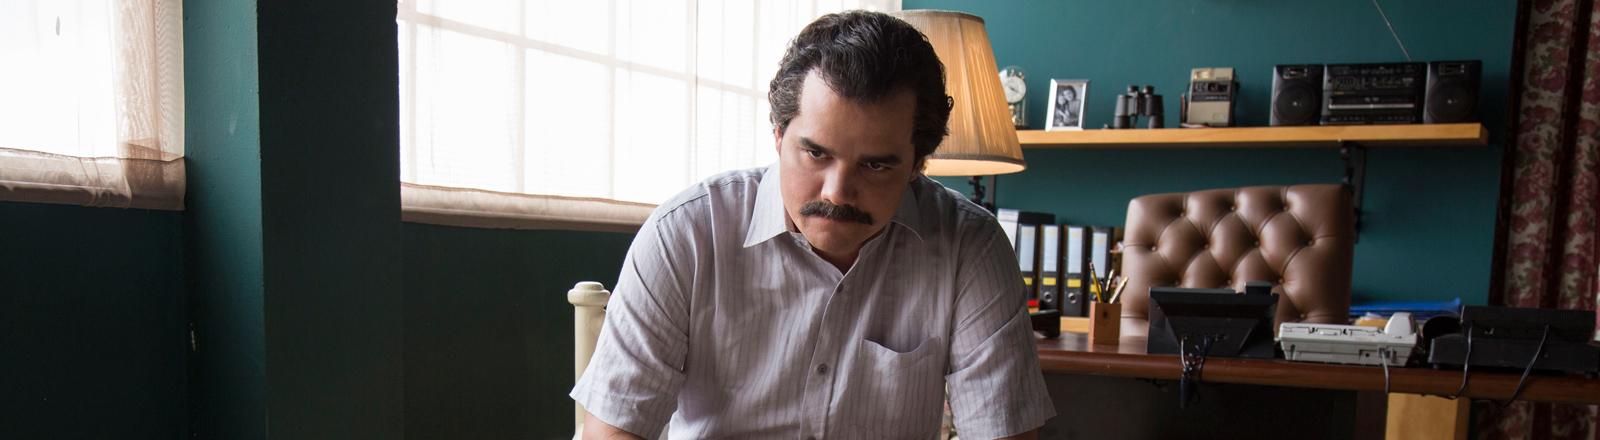 """Der brasilianische Schauspieler Wagner Moura als Pablo Escobar in der Netflix-Serie """"Narcos""""."""